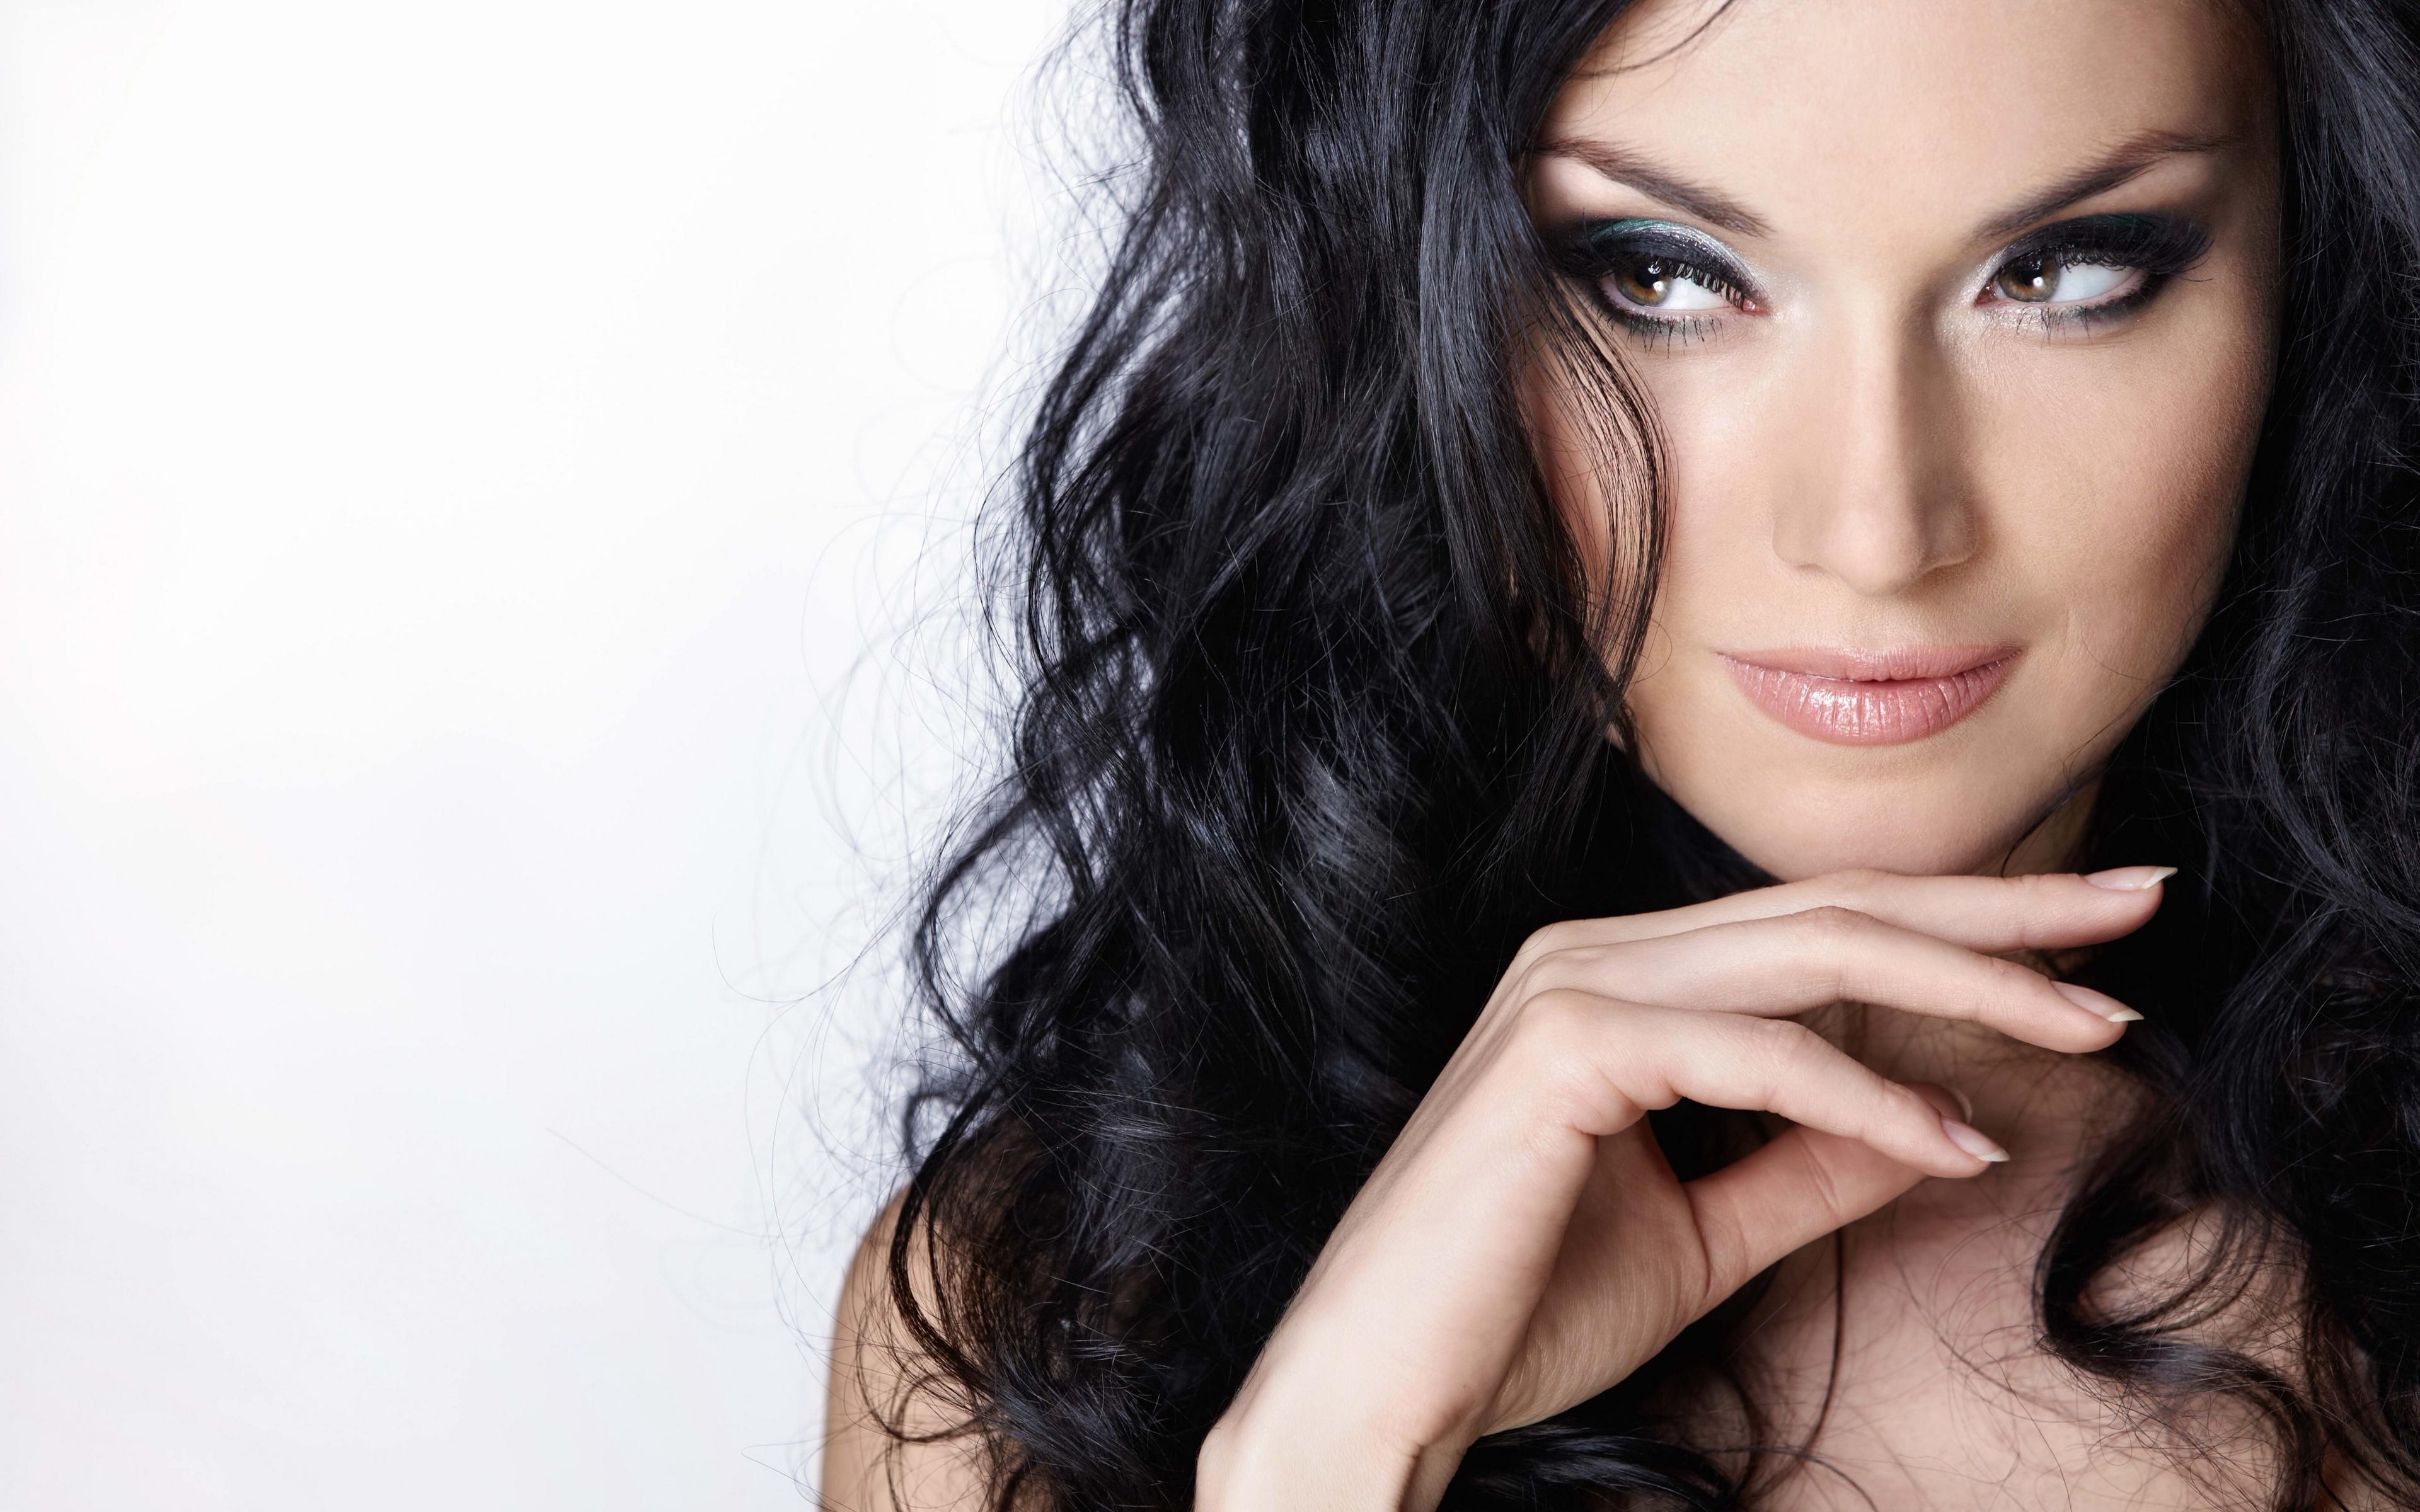 красивые девушки женщины брюнетки этой статье каждая